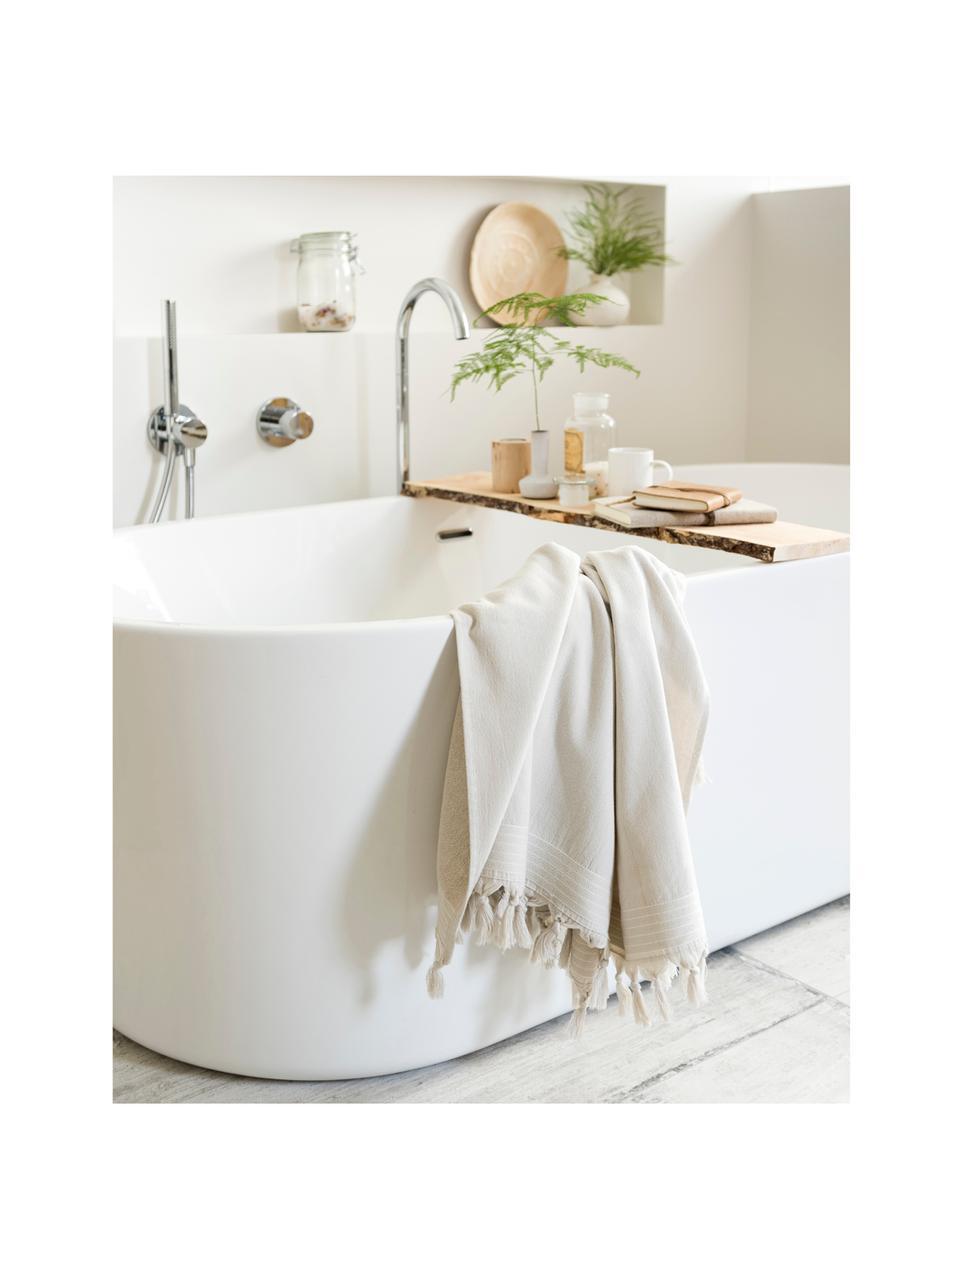 Ręcznik plażowy Soft Cotton, Jasny beżowy, biały, S 100 x D 180 cm